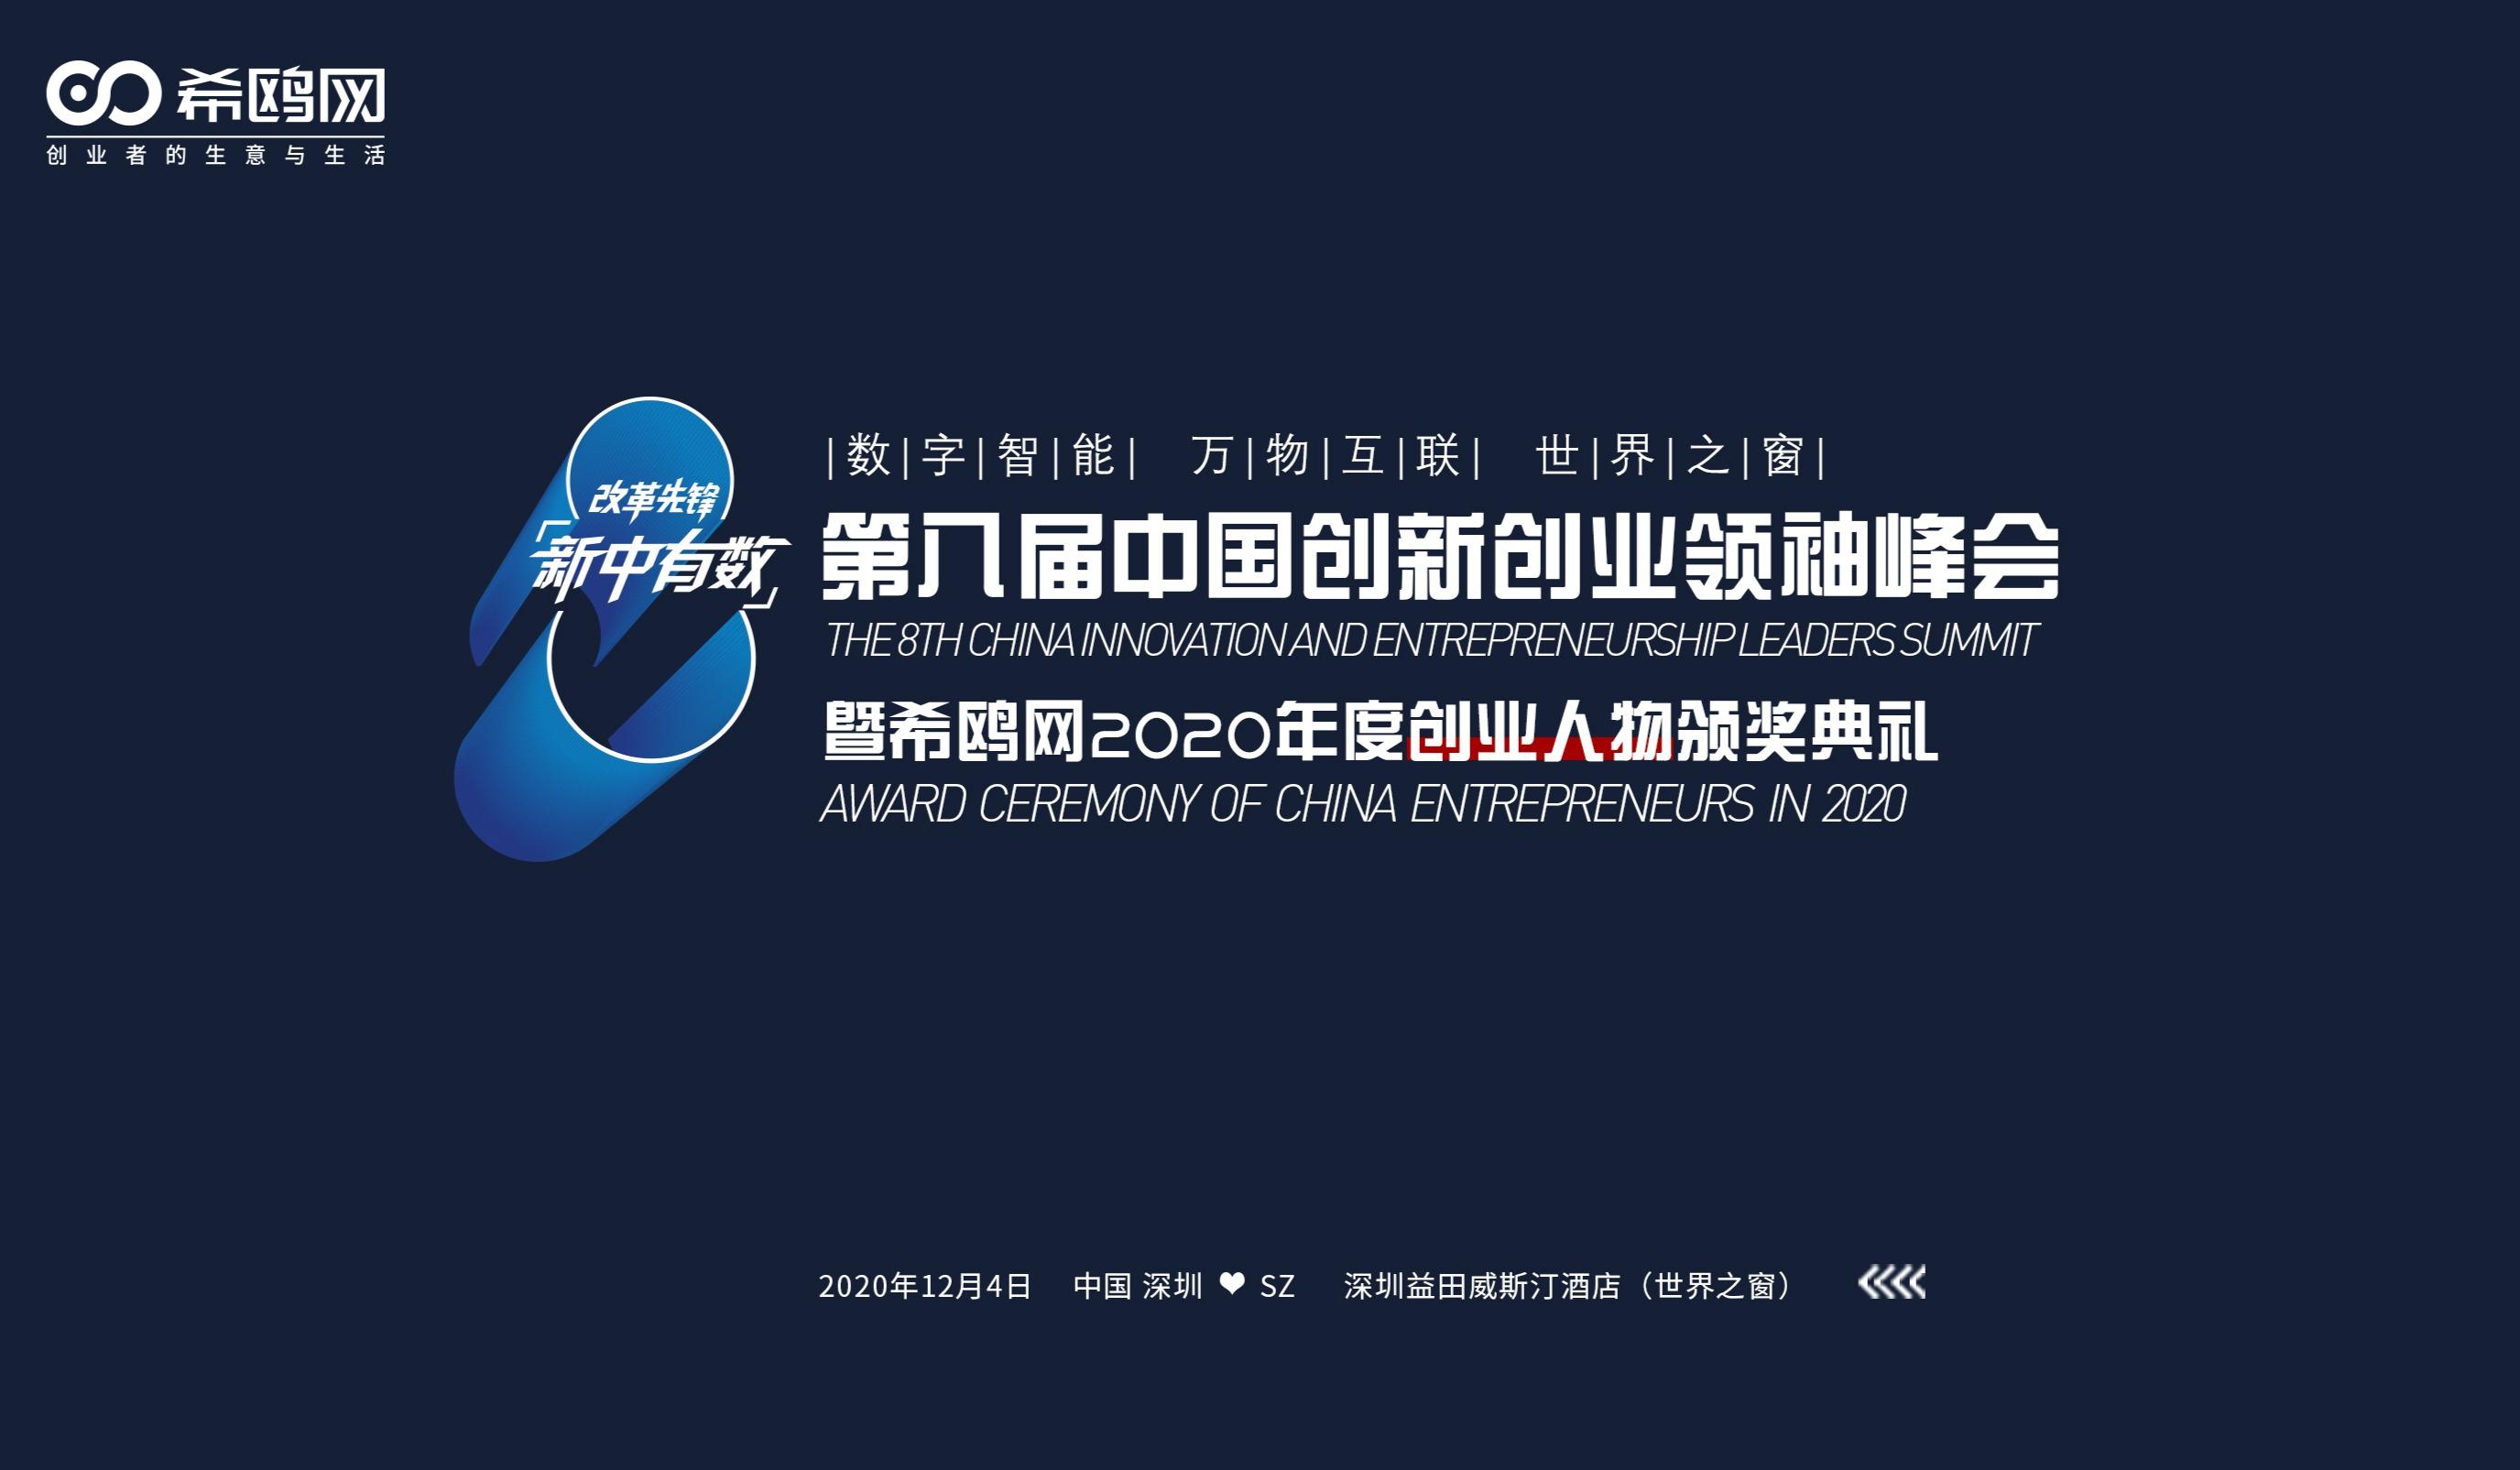 第八届中国创新创业领袖峰会暨希鸥网2020年度创业人物颁奖典礼